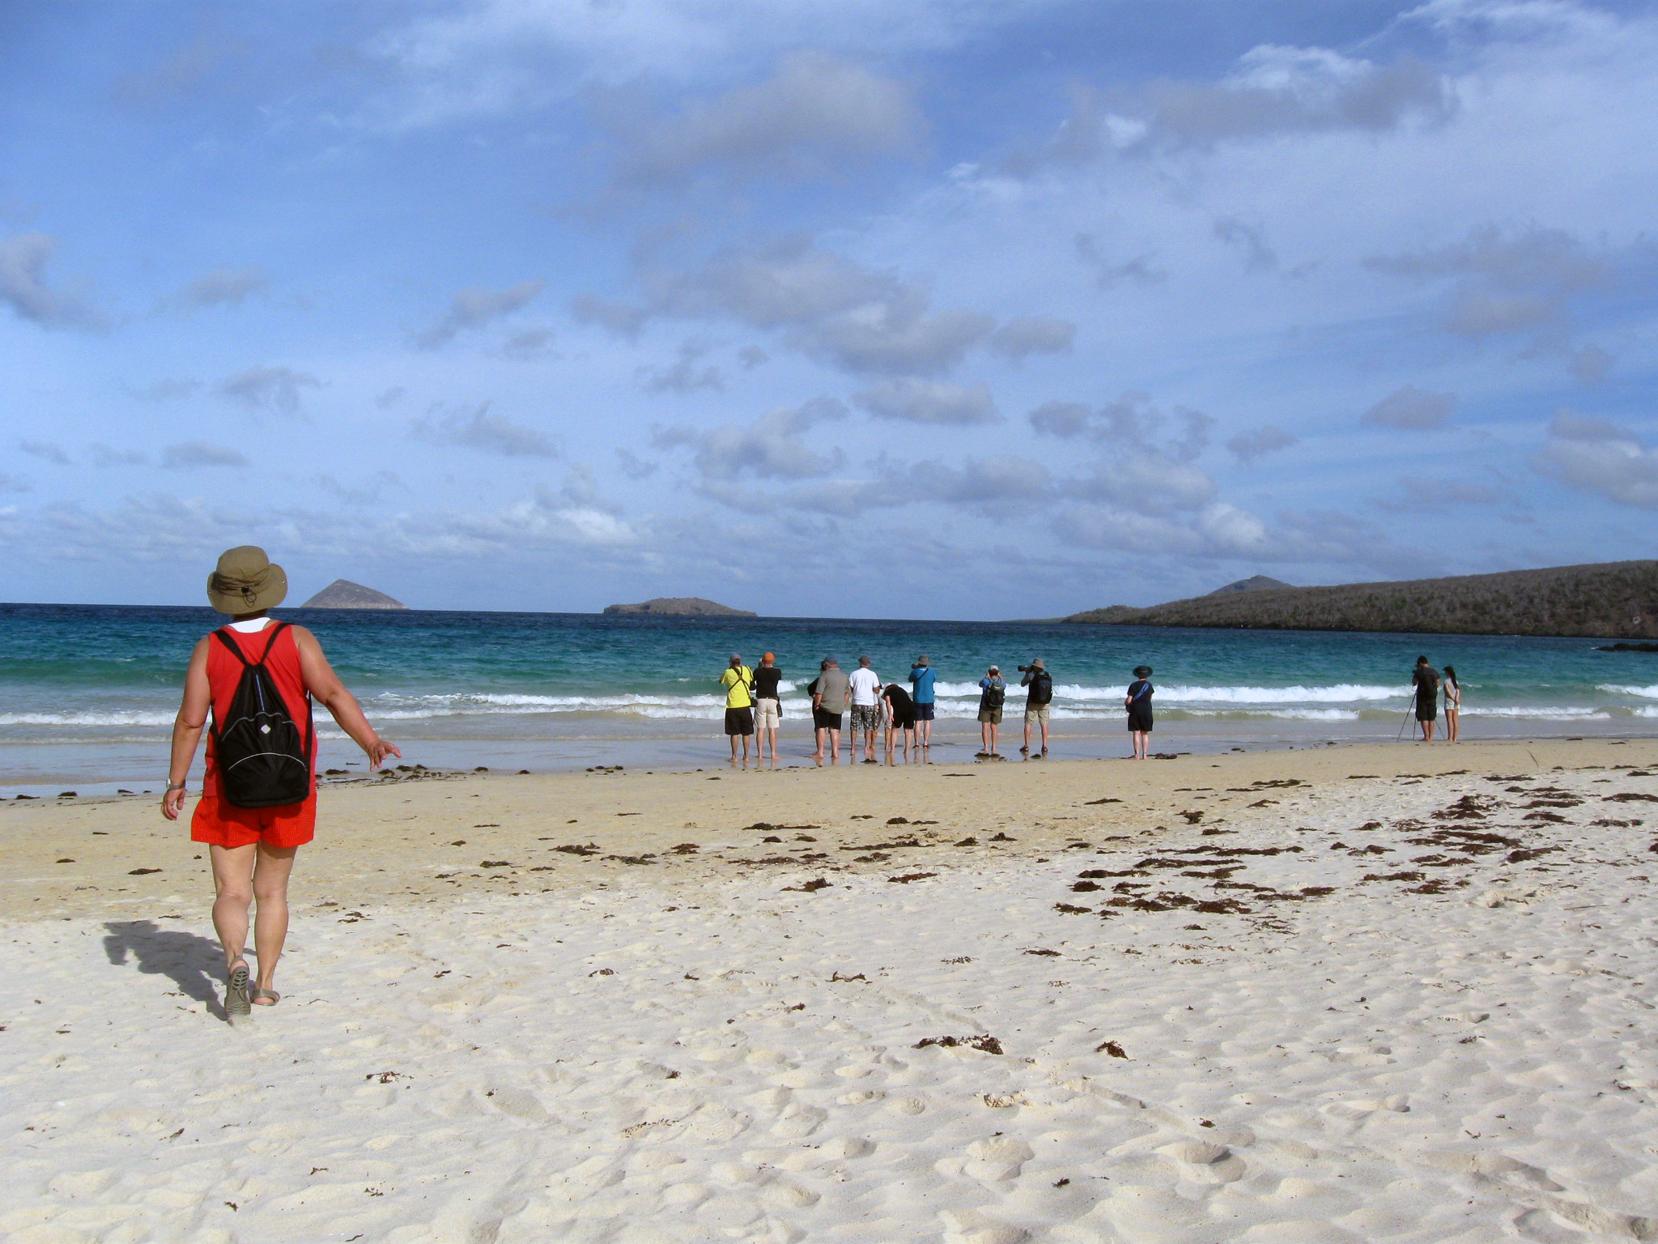 Turistas observam tartarugas marinhas em praia de Floreana, em Galápagos (Equador)